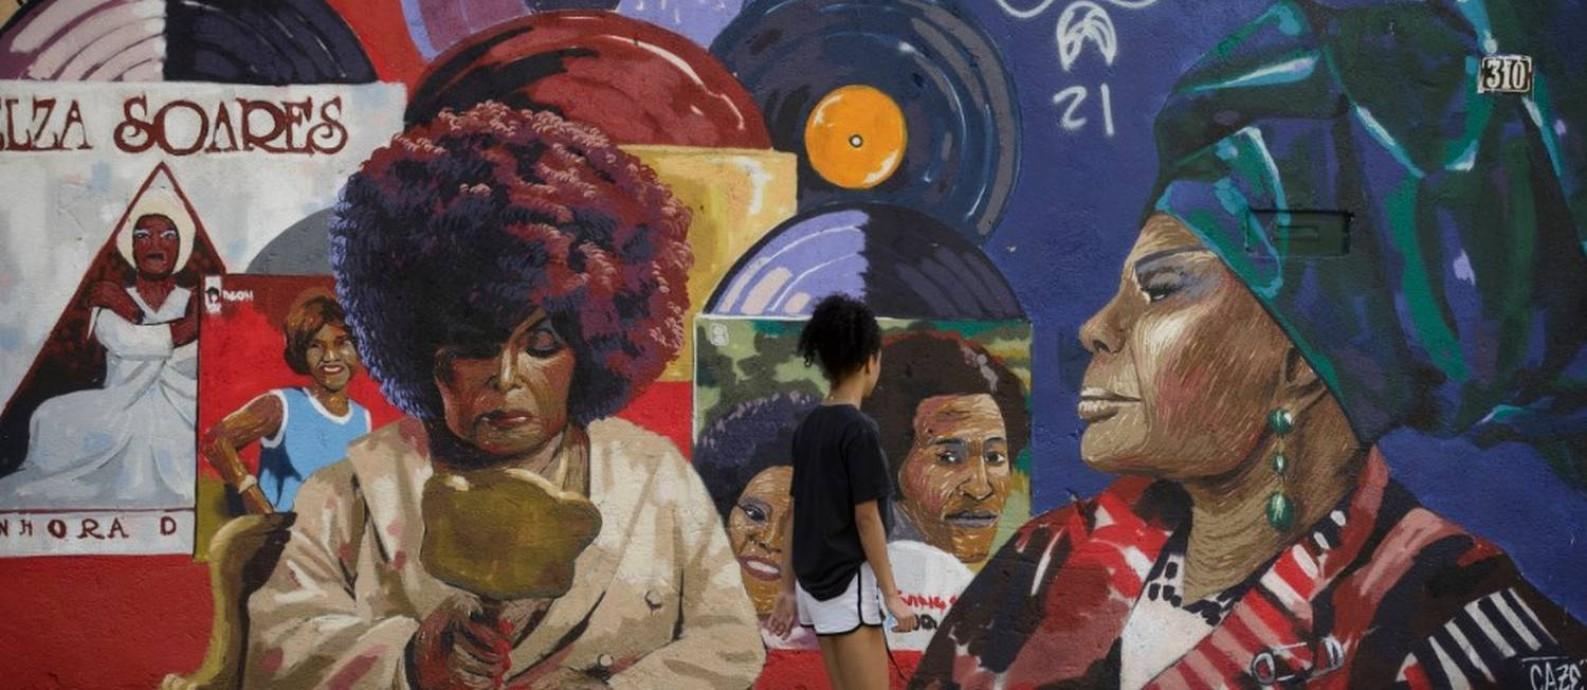 Movimento Negro Muro, idealizado em 2018 por Pedro Rajão e Cazé, vem pintando painéis com personalidades negras do Brasil e de fora. Na foto, painel sobre Elza Soares, em Água Santa Foto: Márcia Foletto / Agência O Globo